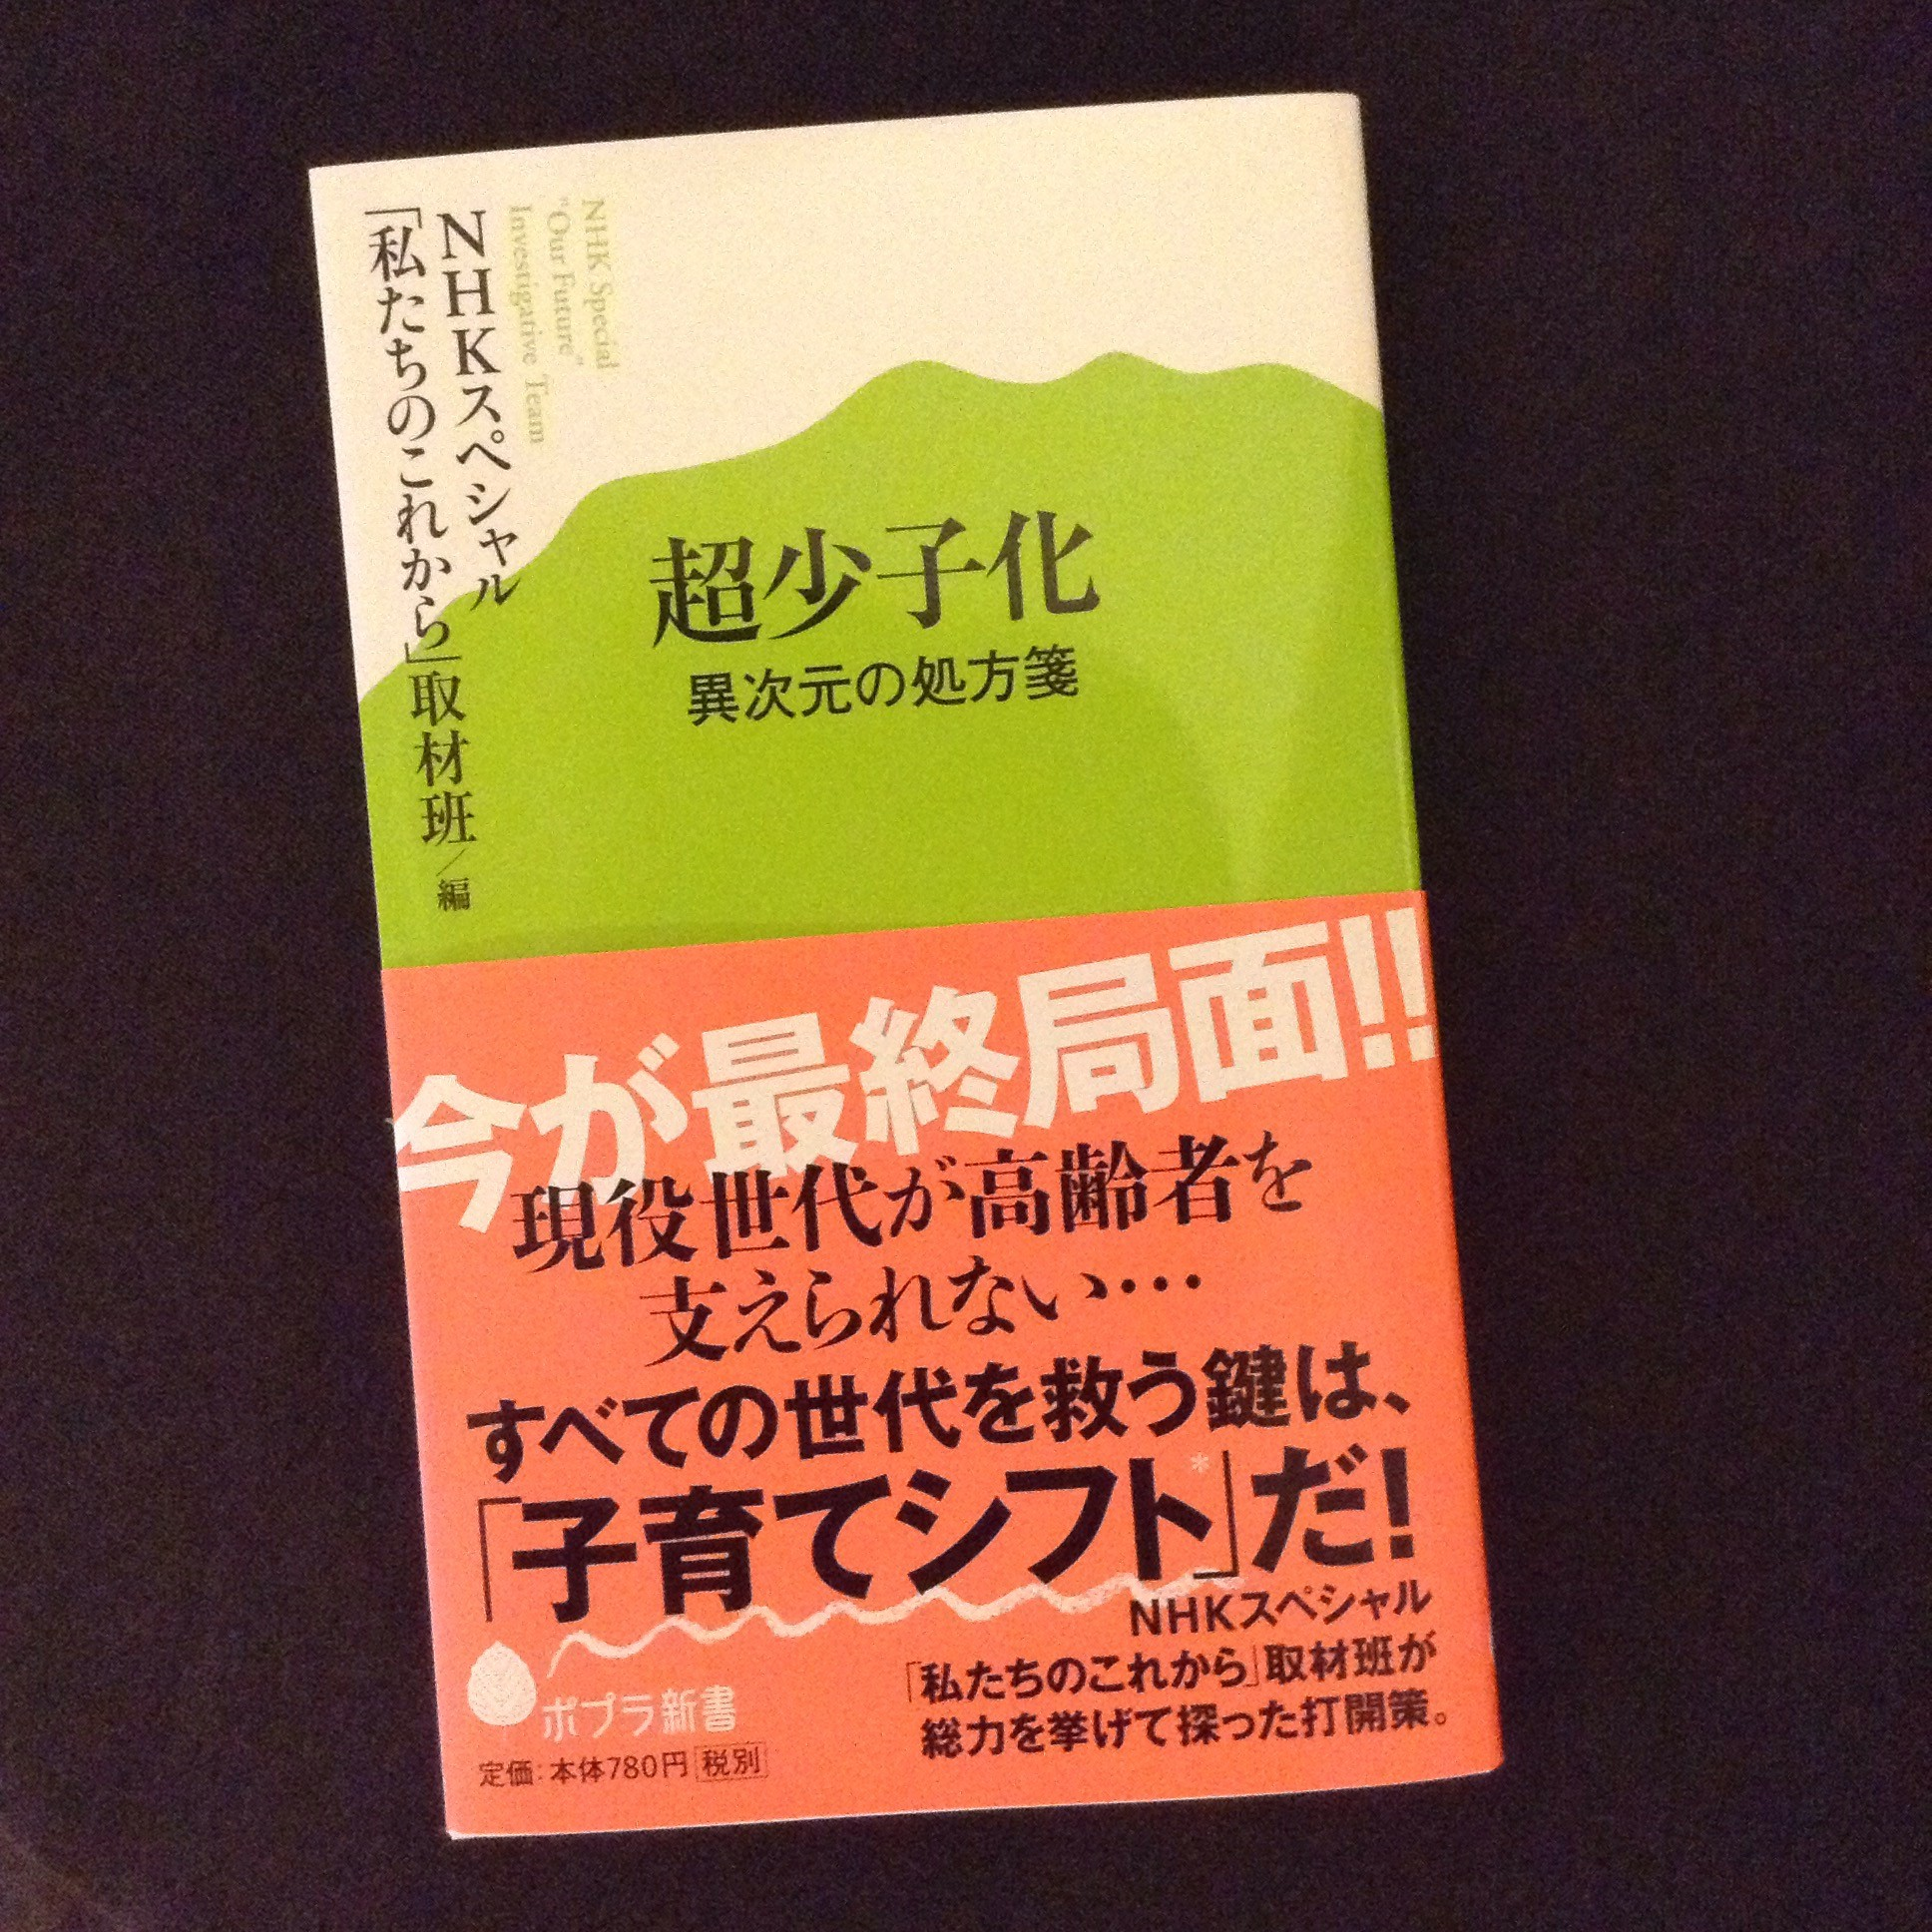 編集協力した新書が出ました『超少子化 異次元の処方箋』ポプラ新書